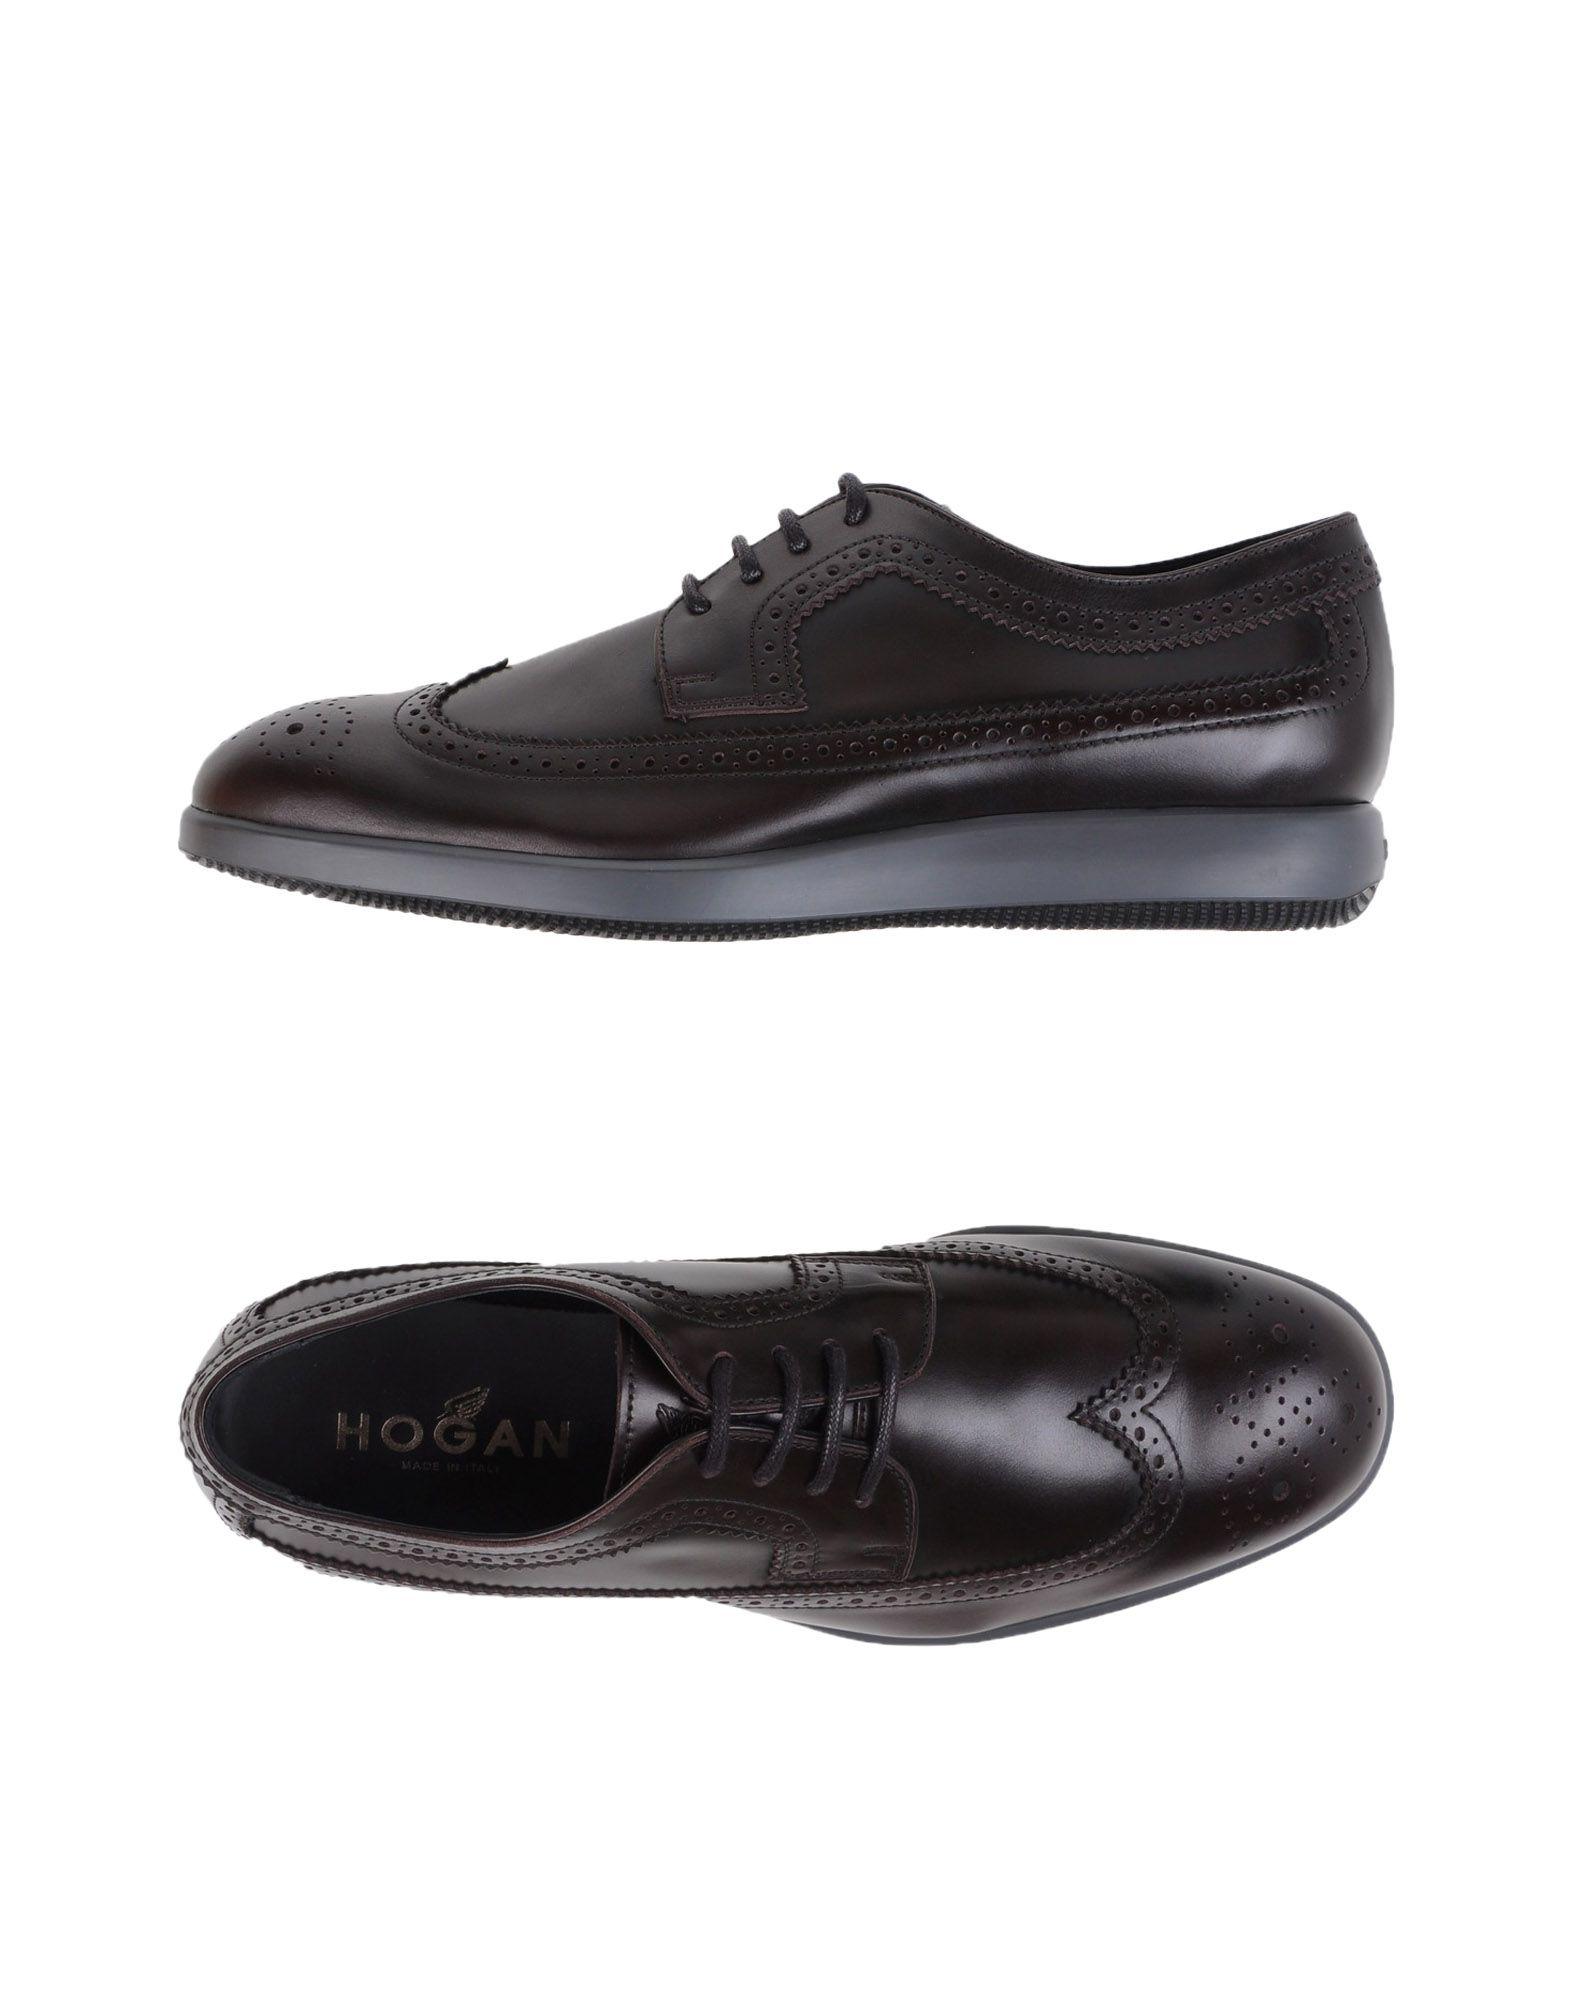 Hogan Hogan Hogan Schnürschuhe Herren  11087878NX Gute Qualität beliebte Schuhe 91875e